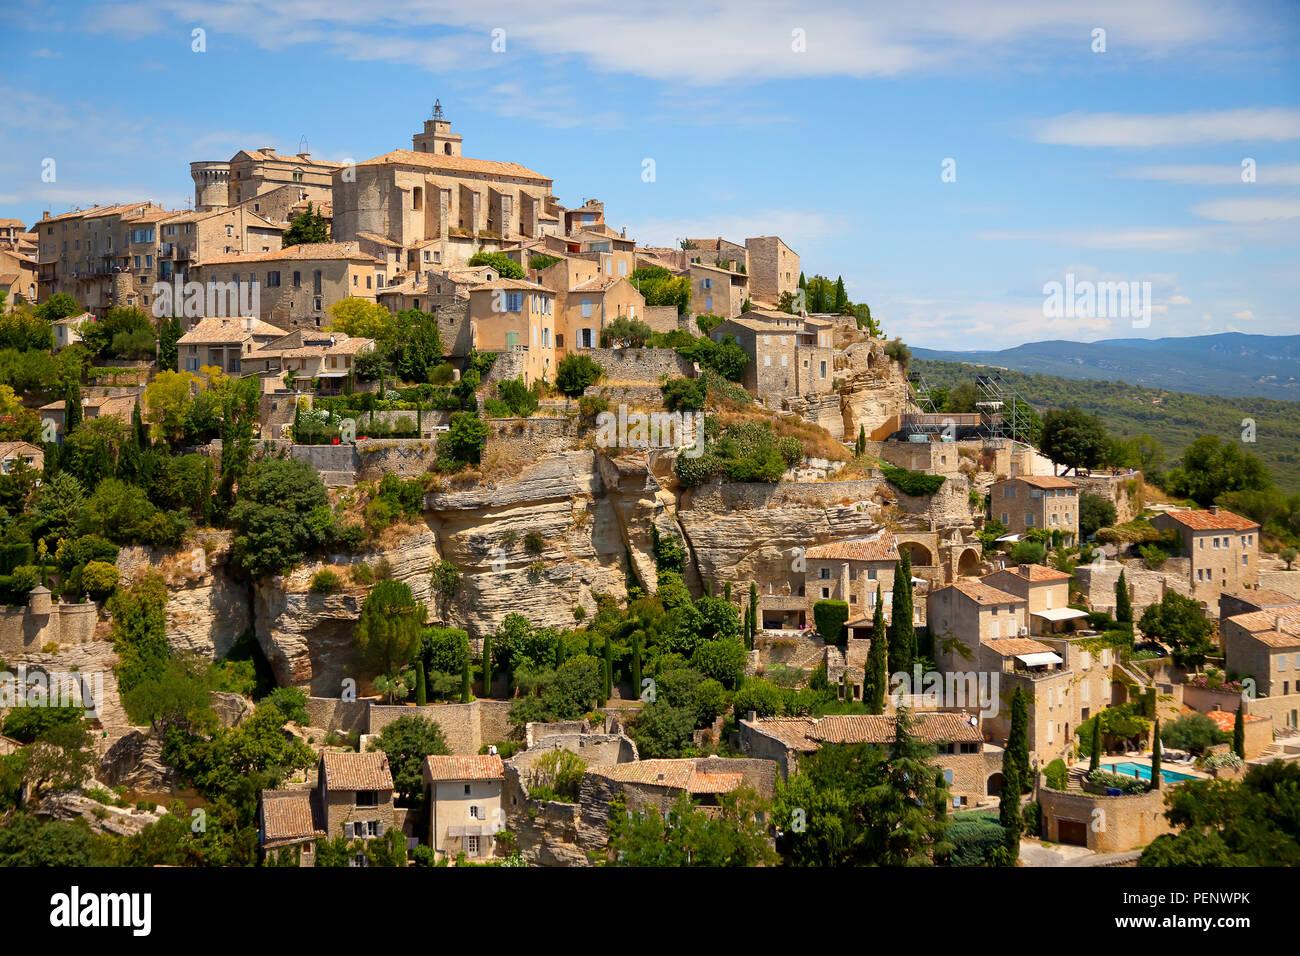 A view of Gordes village, Provence-Alpes-cote d'Azur, France. Stock Photo